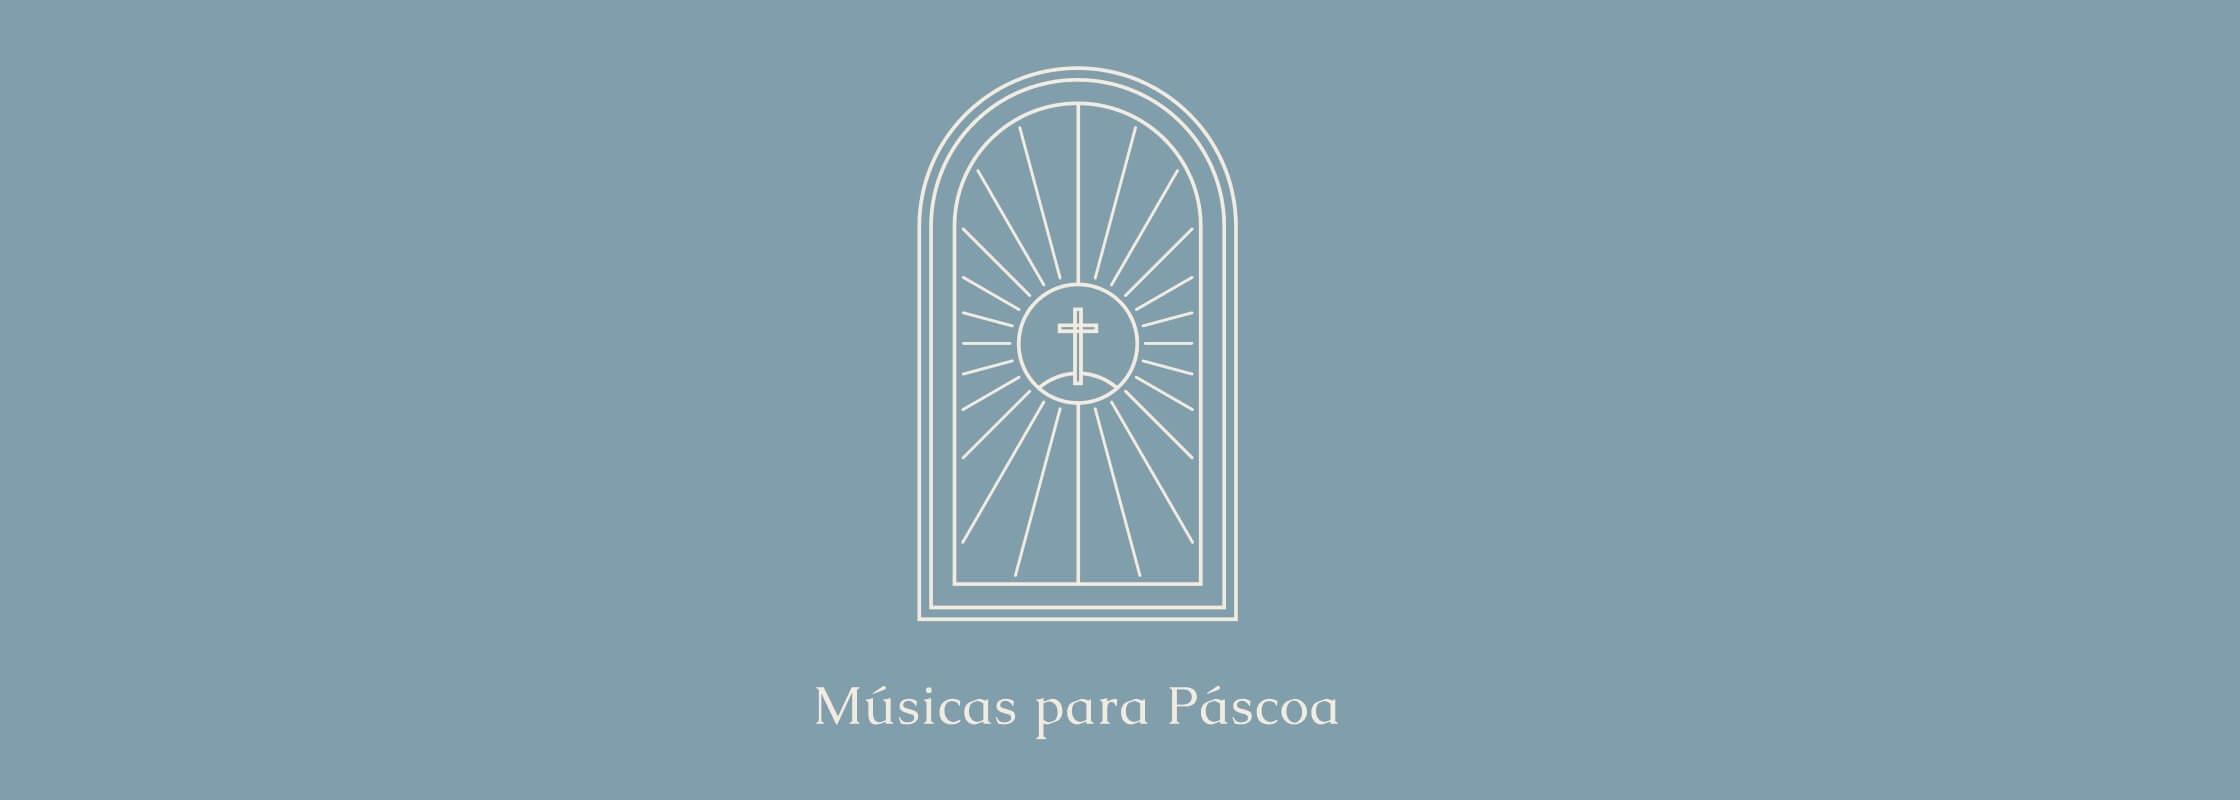 Músicas para Páscoa